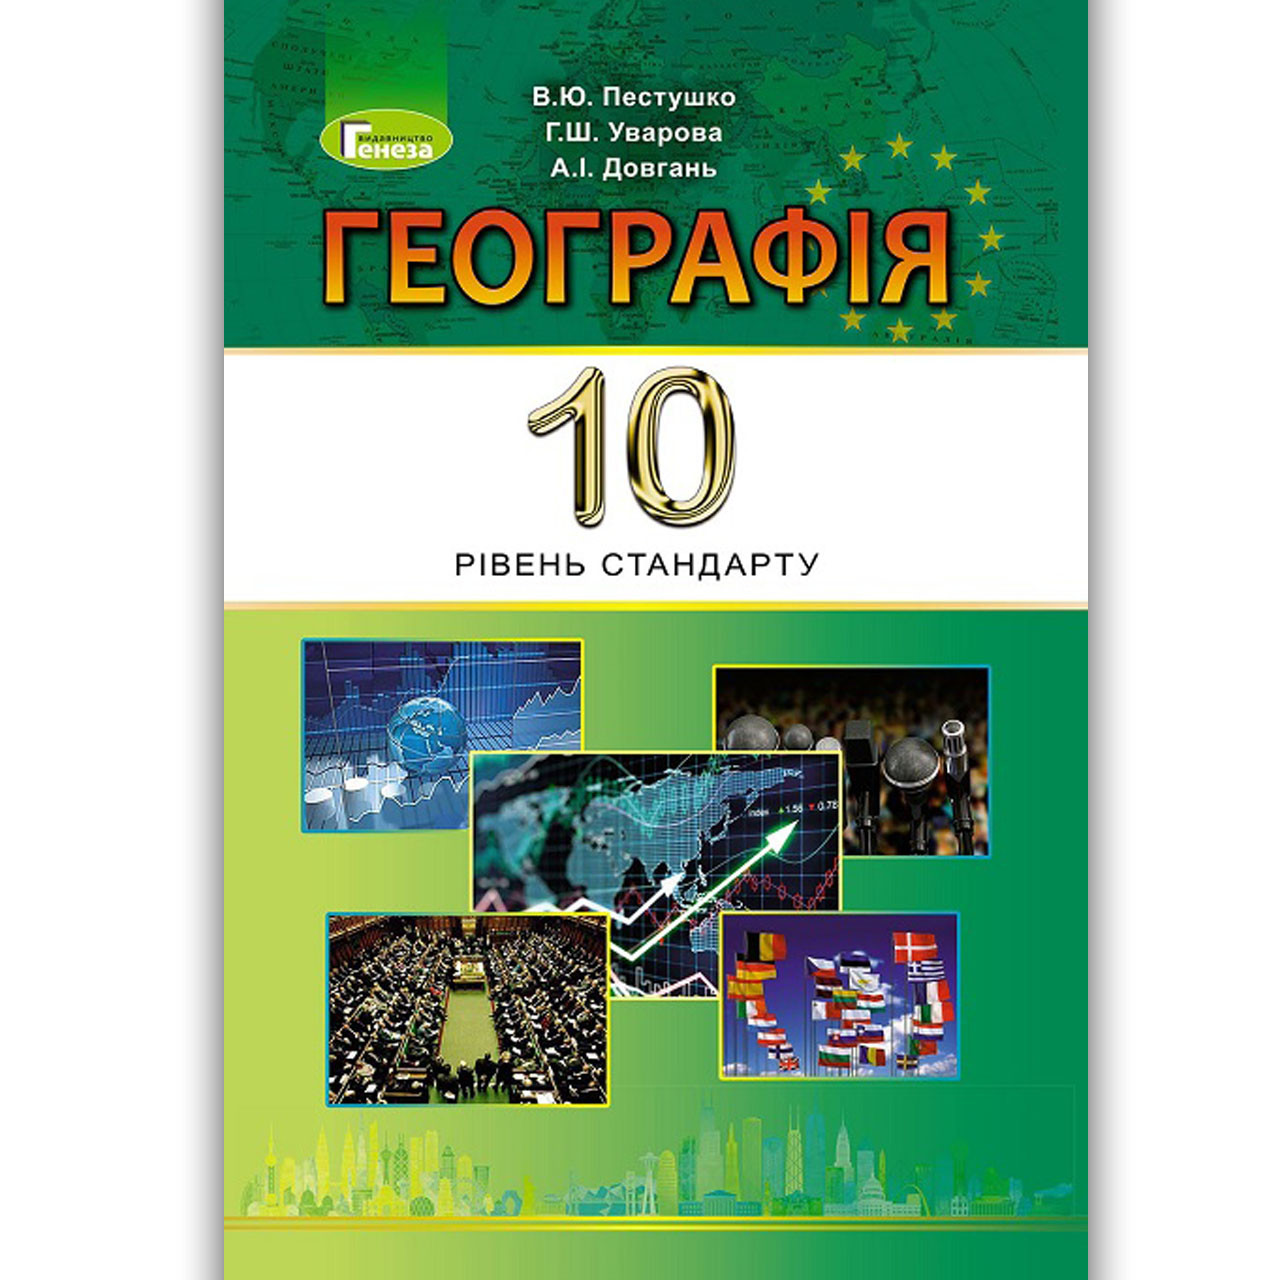 Підручник Географія 10 клас Стандарт Авт: Пестушко В. Уварова Г. Довгань А. Вид: Генеза